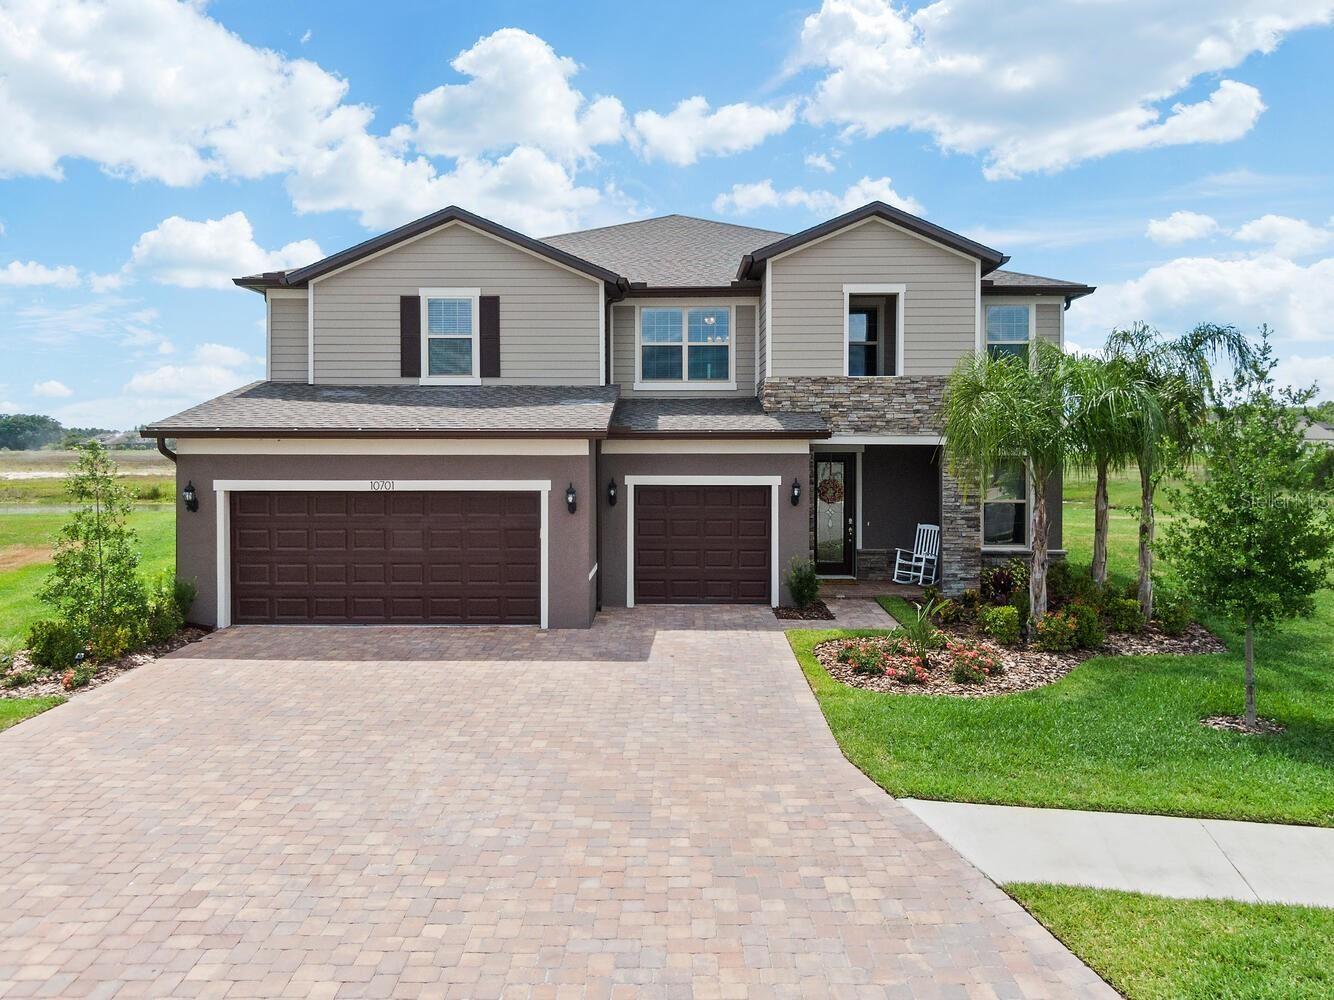 10701 FOXTAIL PASTURE WAY, Tampa, FL 33647 - MLS#: U8124648